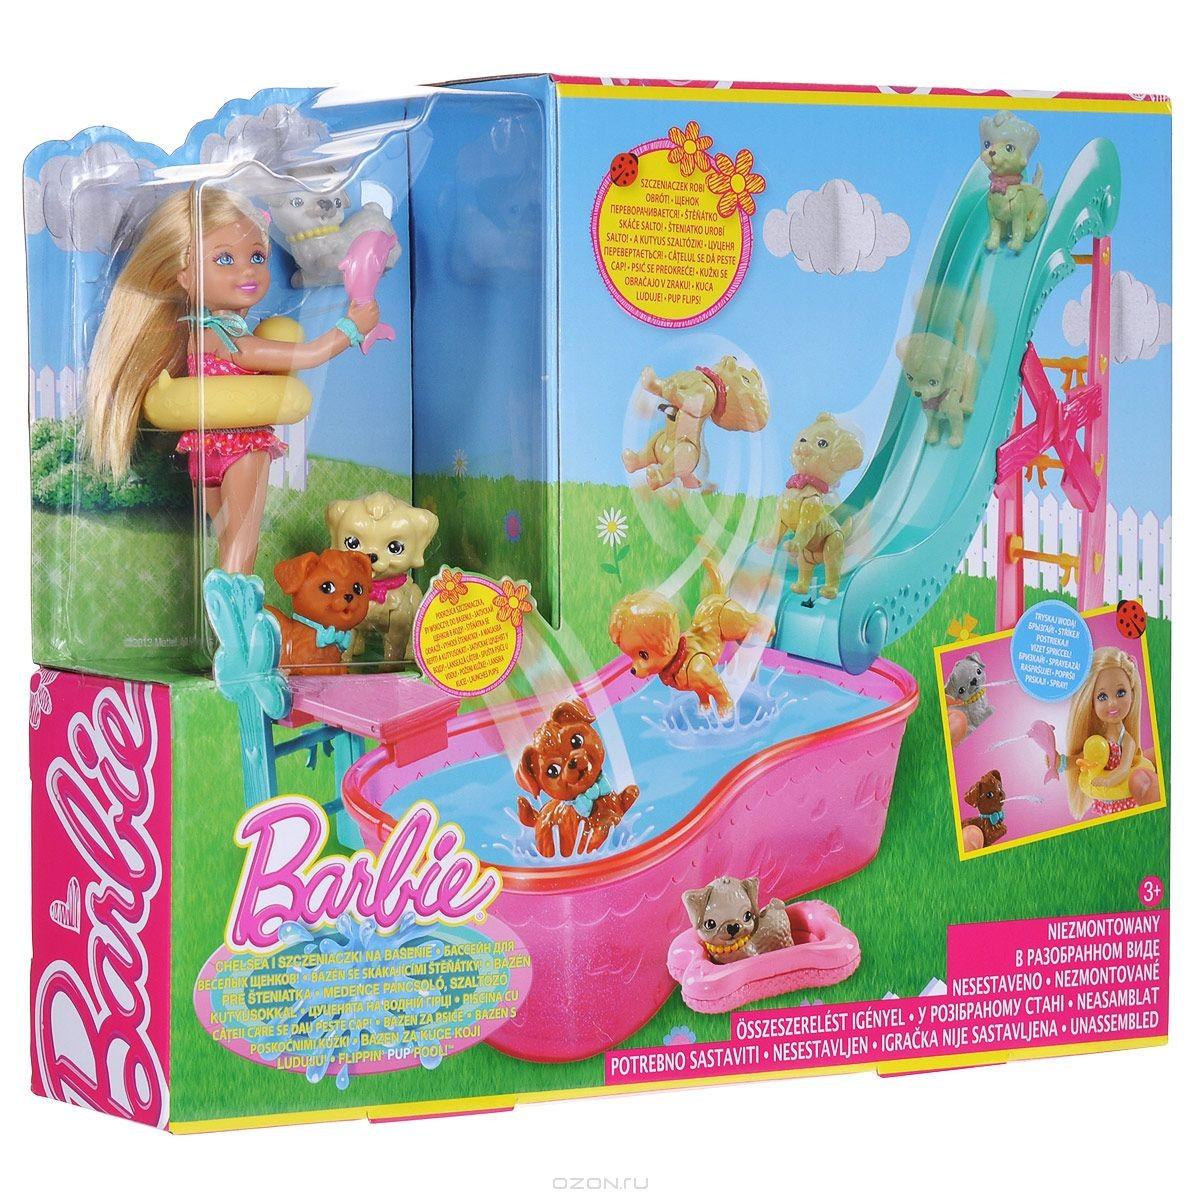 Игровой набор Барби. Кукла Челси и бассейн с питомцами